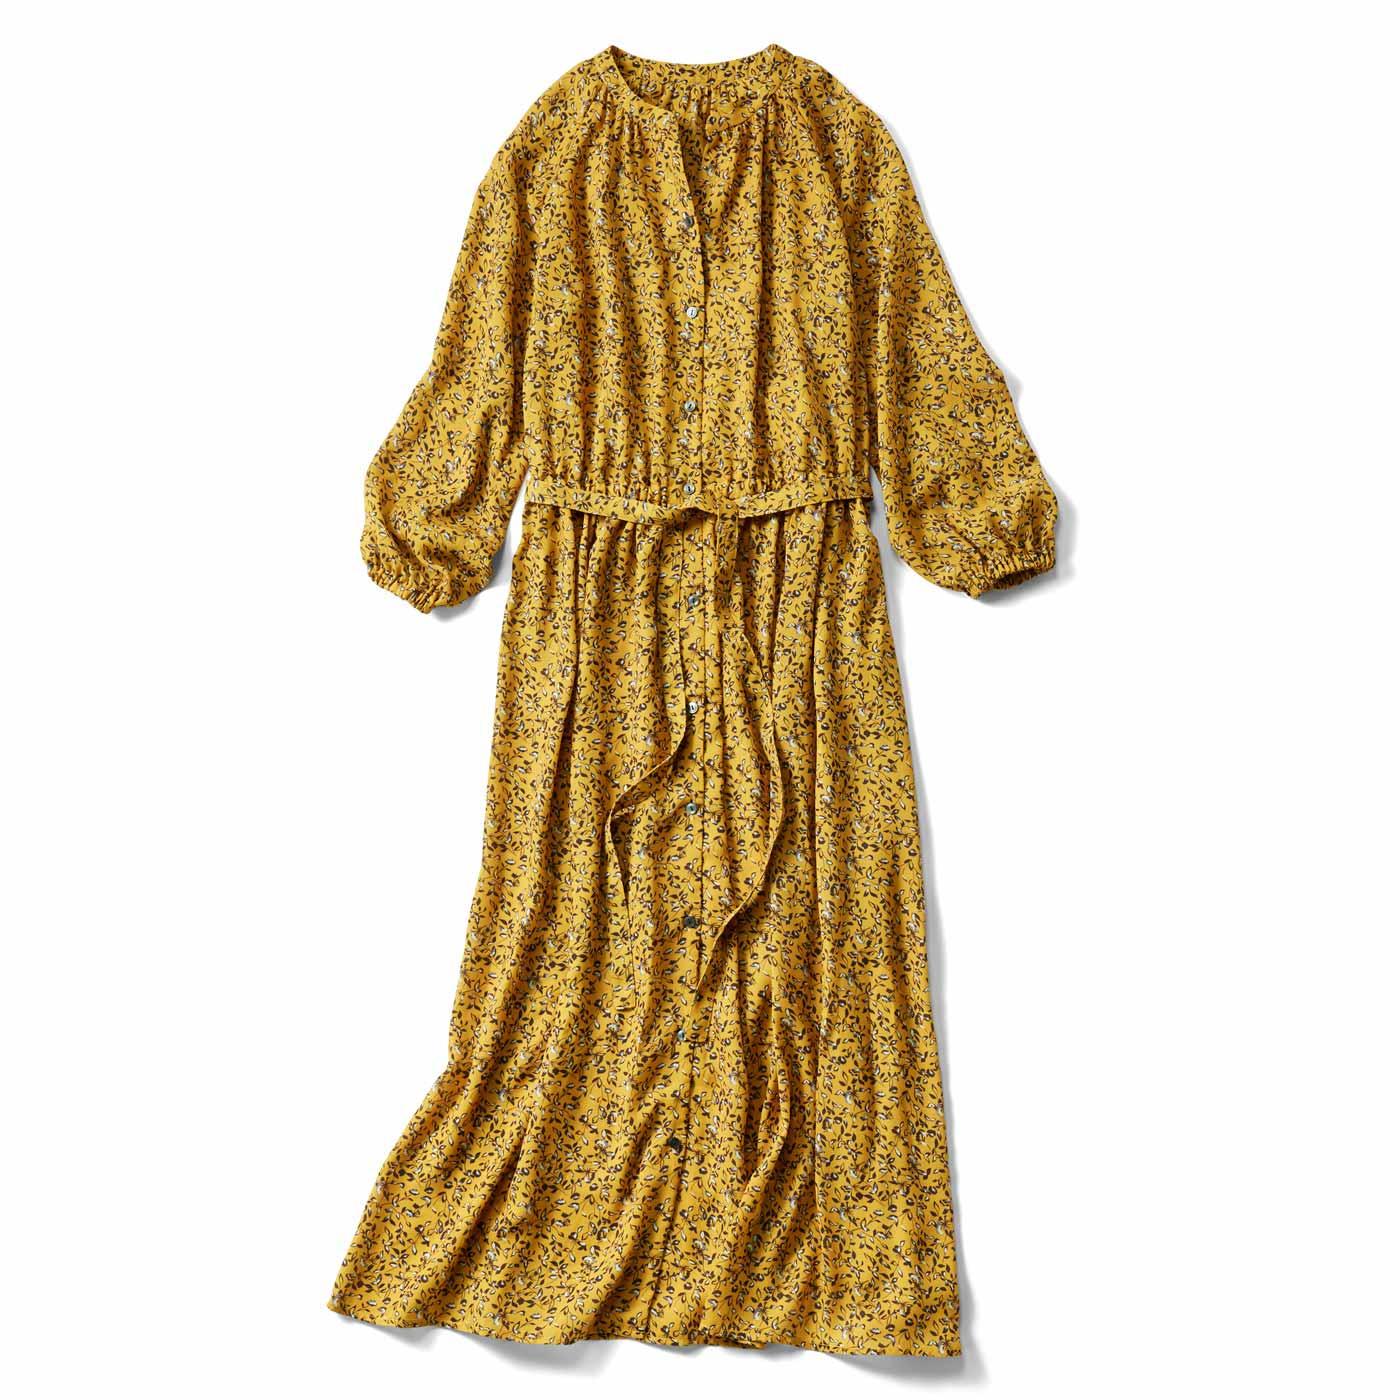 IEDIT[イディット] 大人フラワープリントのロングシャツドレス〈マスタードイエロー〉